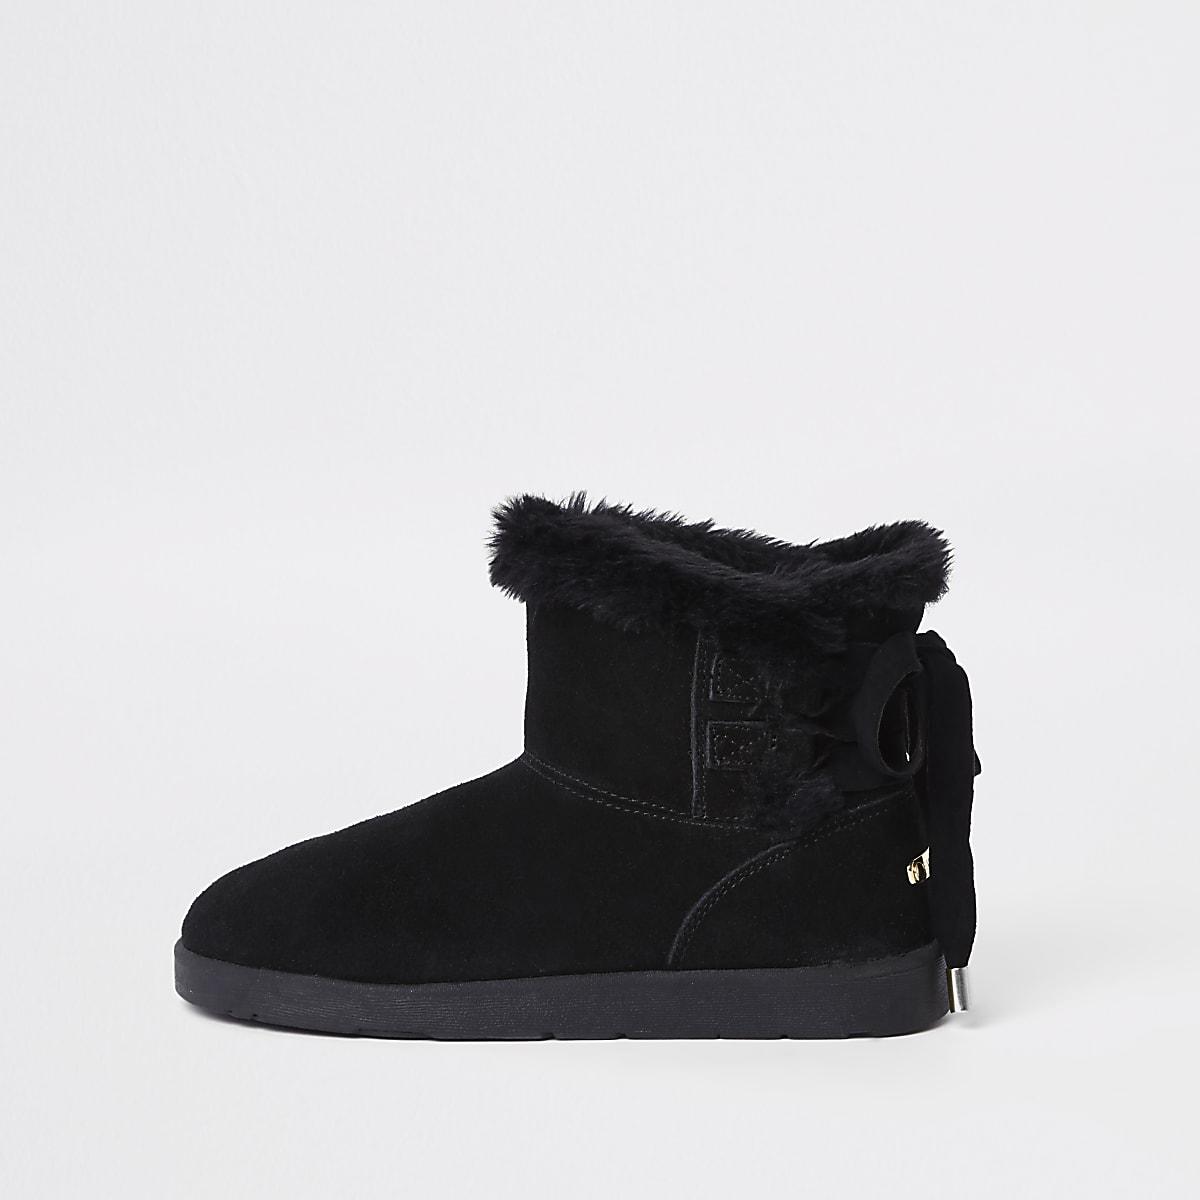 Black lace back faux fur lined boots